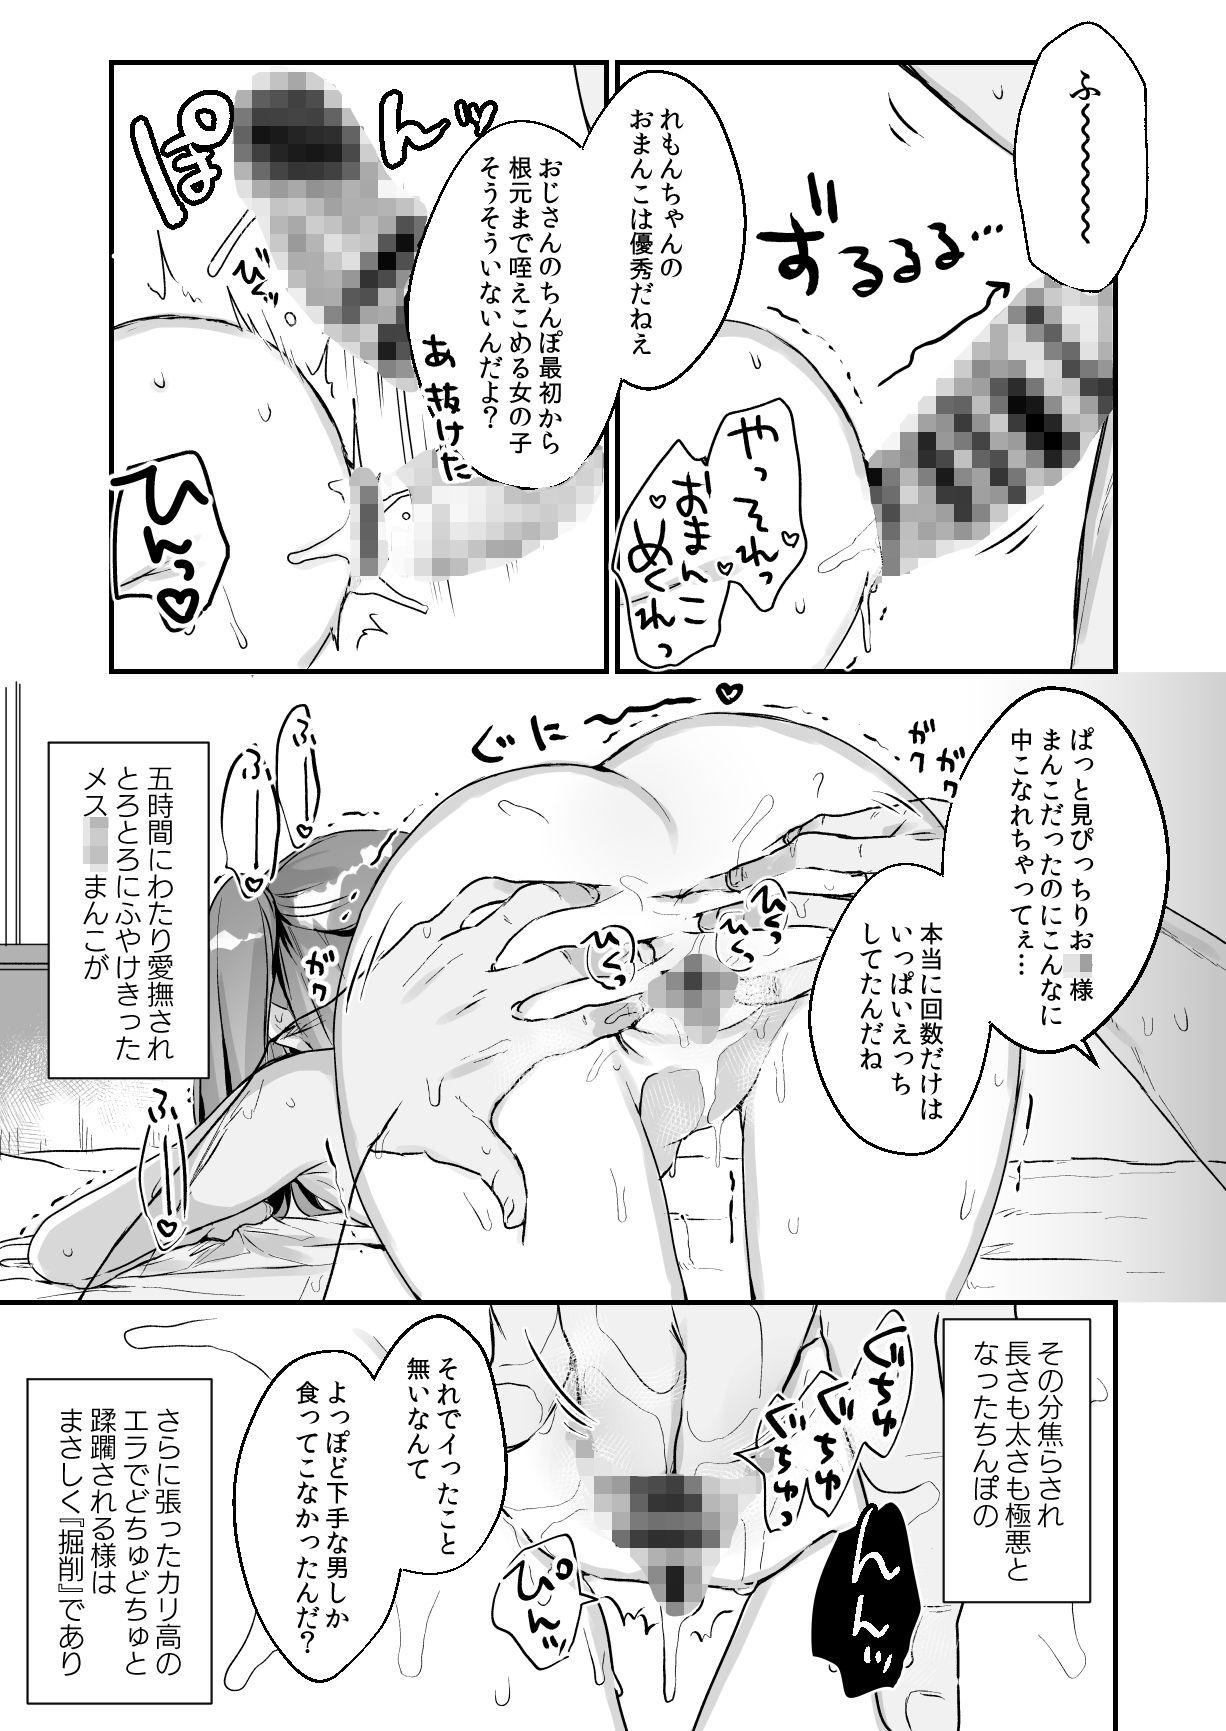 【エロ漫画無料大全集】メスガキにメスイキを教えるのも悪くないなwwwwwww